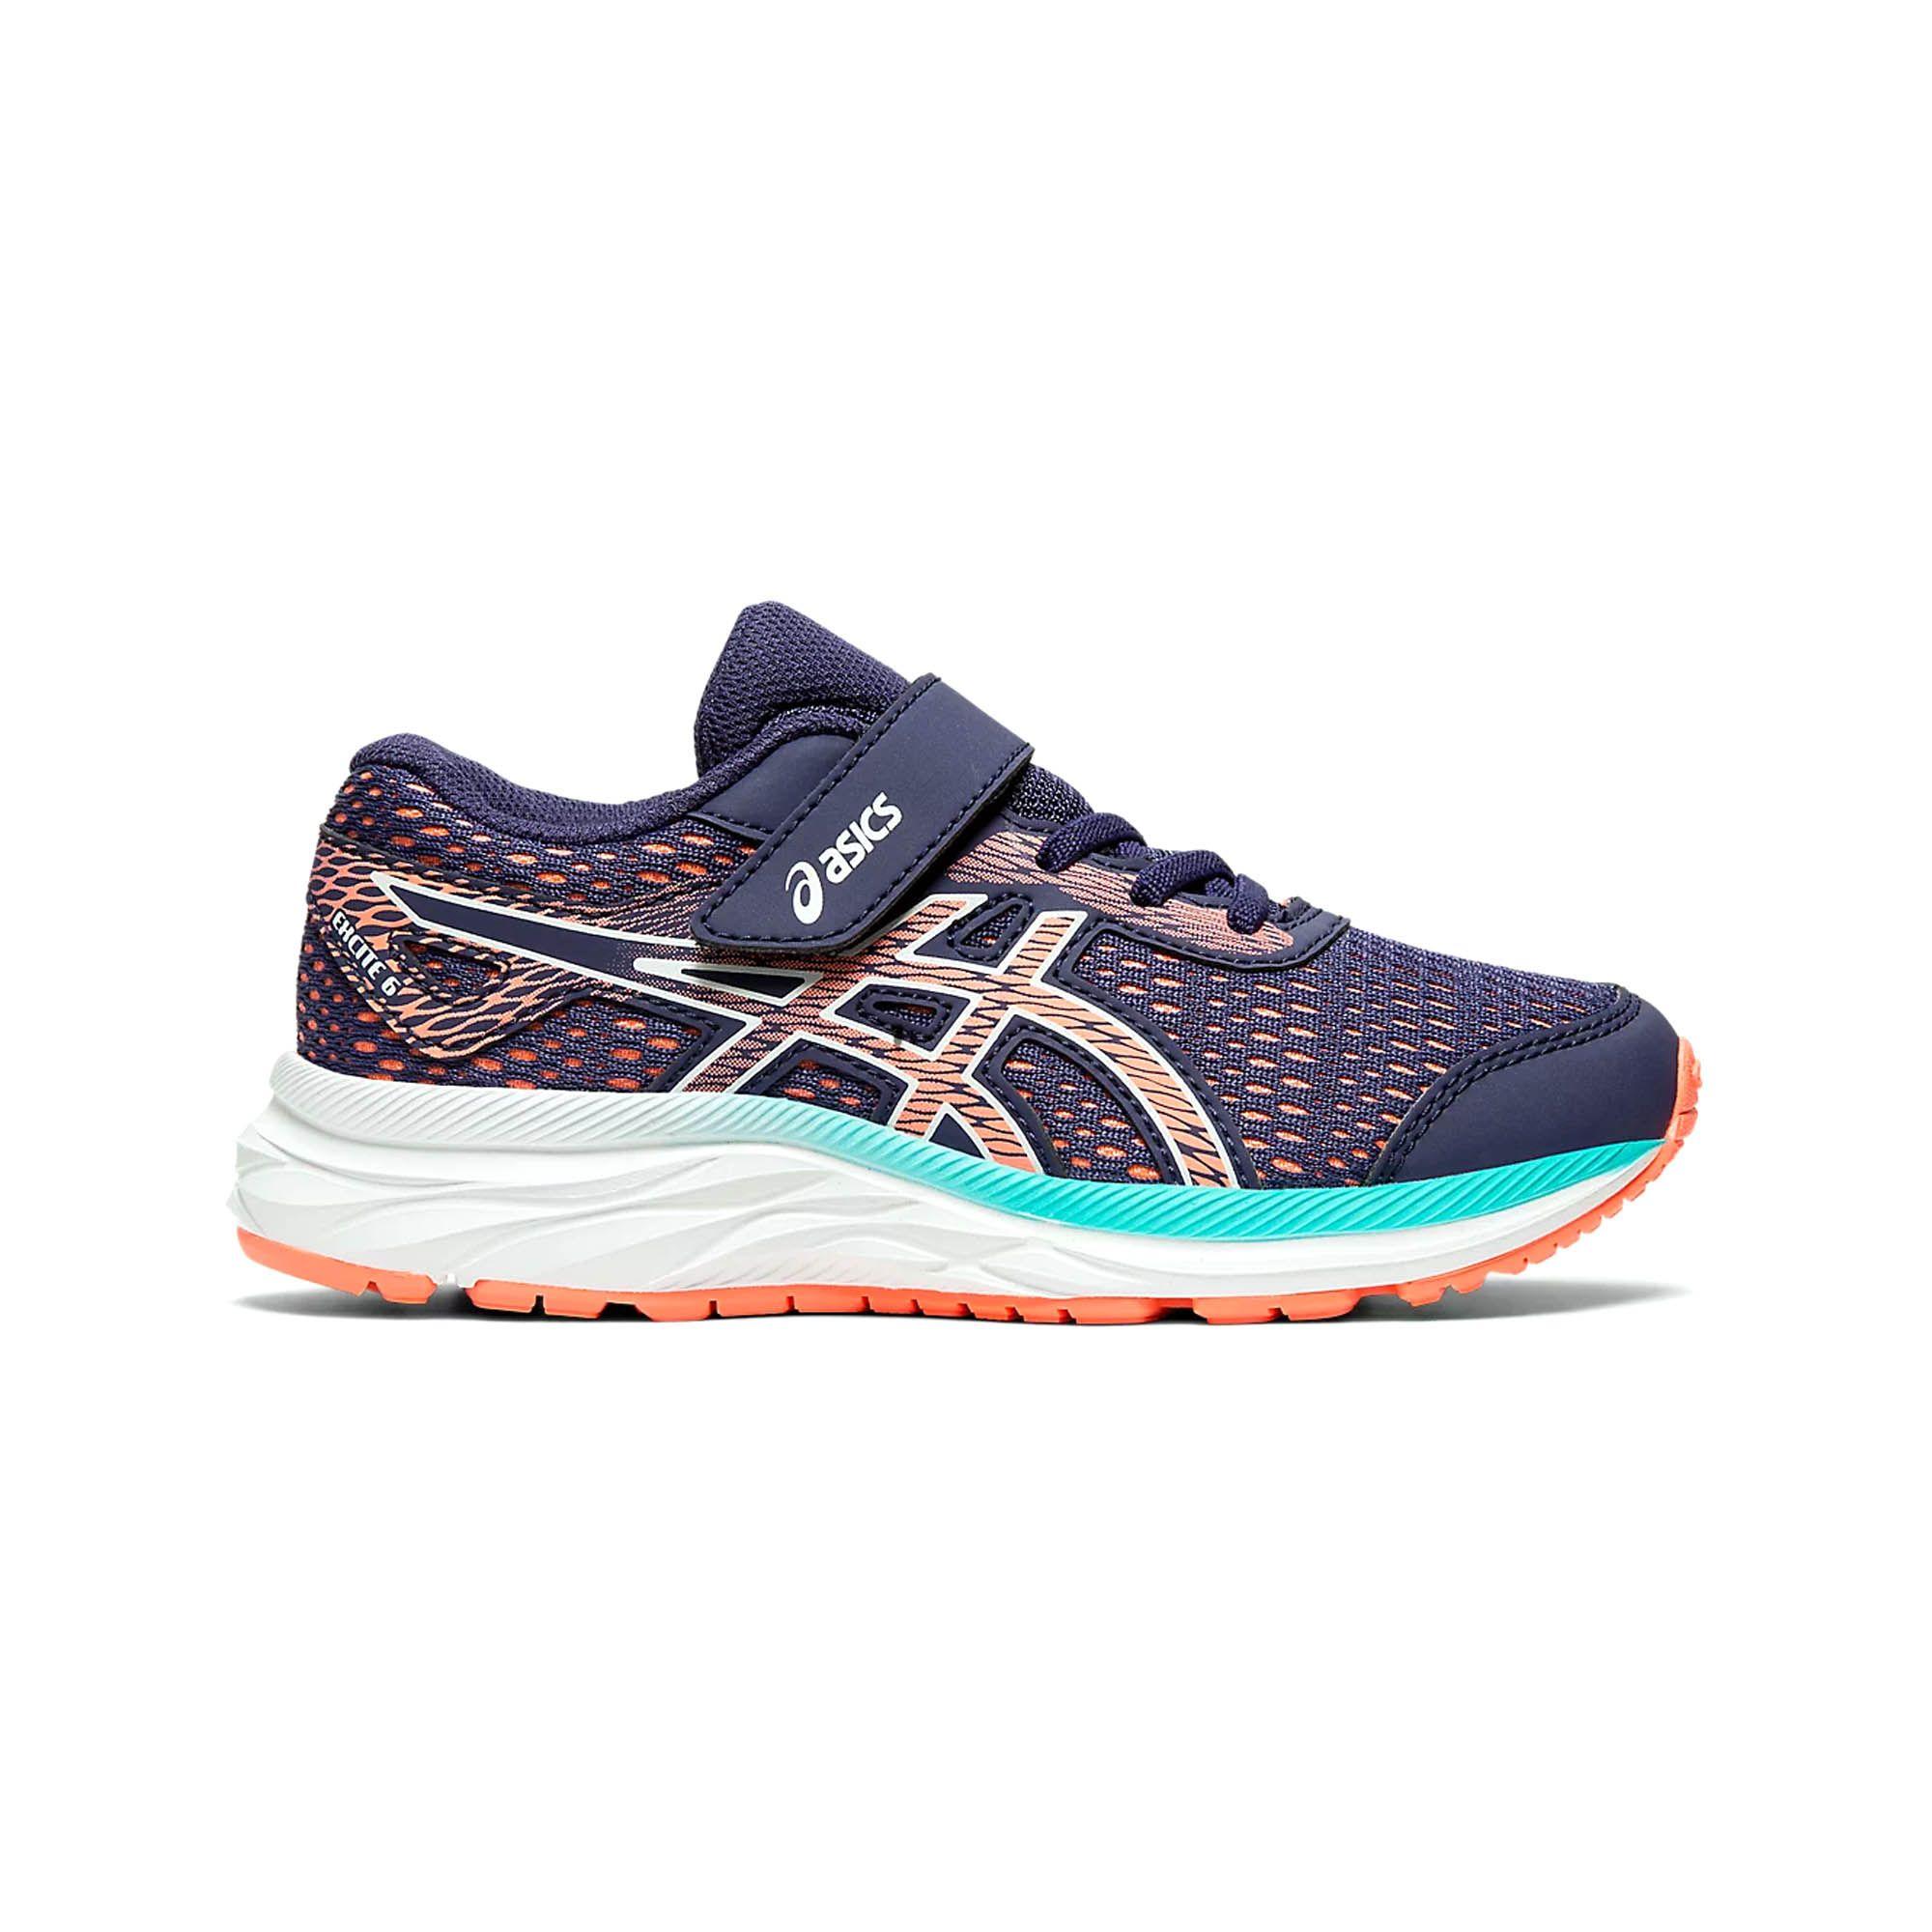 Asics Excite 6 Junior Running Trainer Purple/Pink